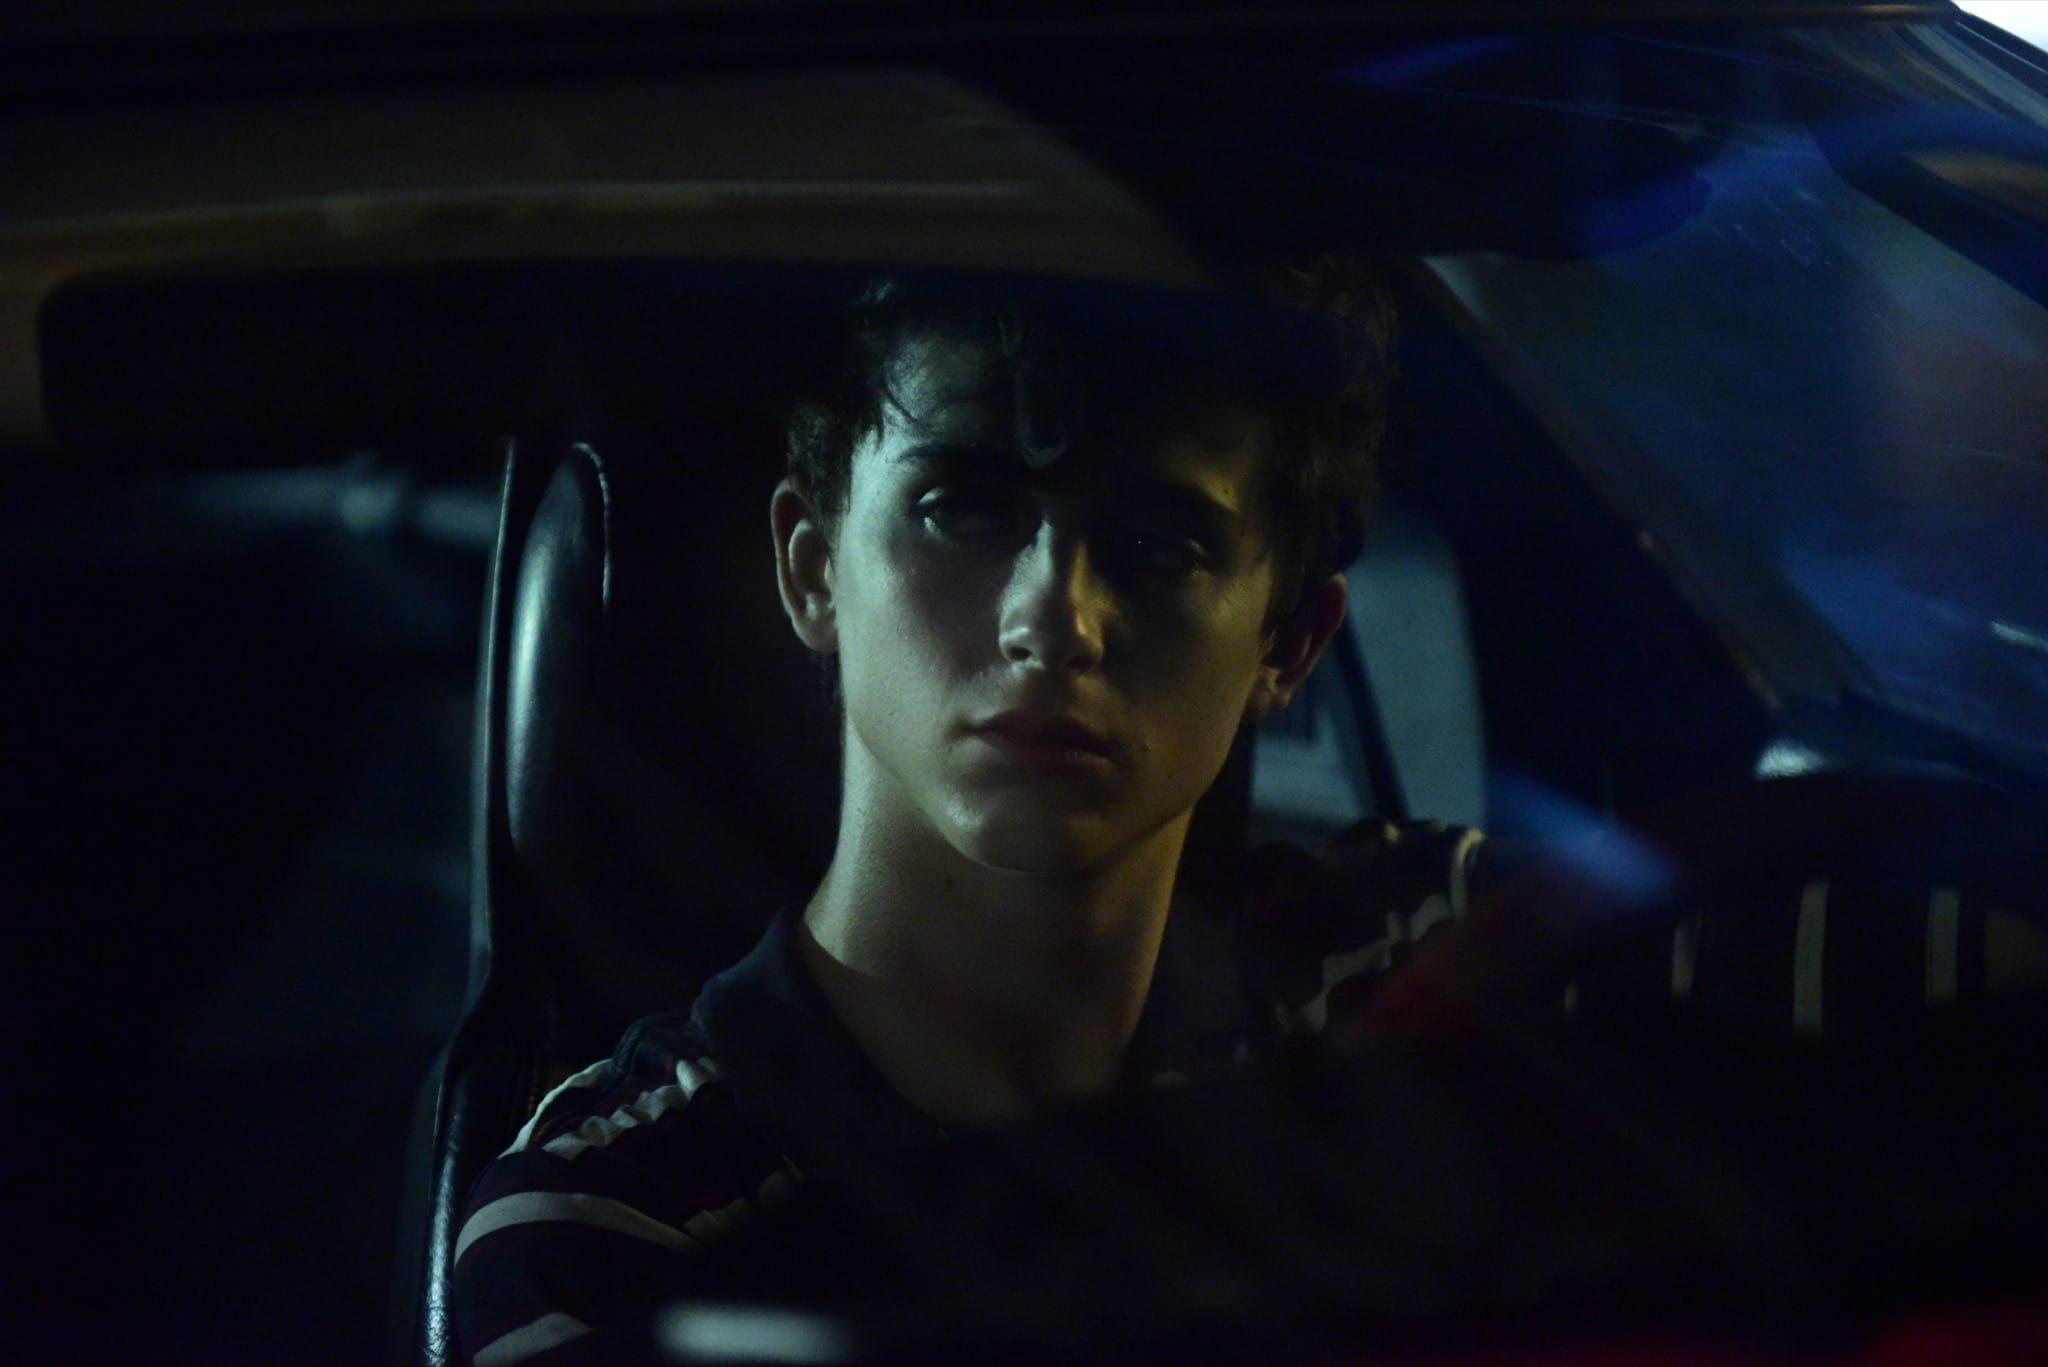 Chaudes Nuits d'Été (Hot Summer Nights) d'Elijah Bynum image film cinéma vod